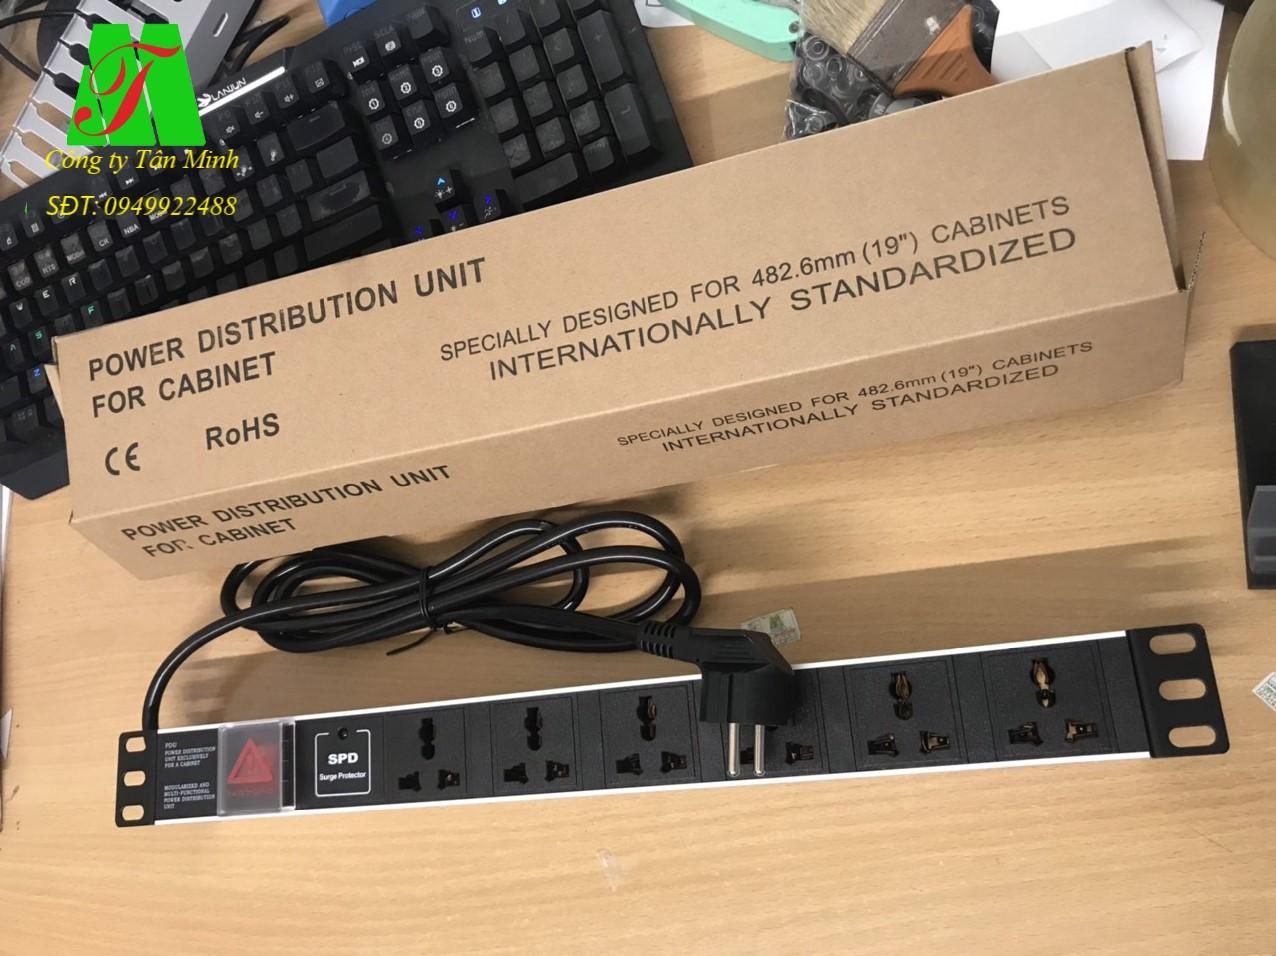 Thanh phân phối nguồn 6 lỗ Universal,16A,250V